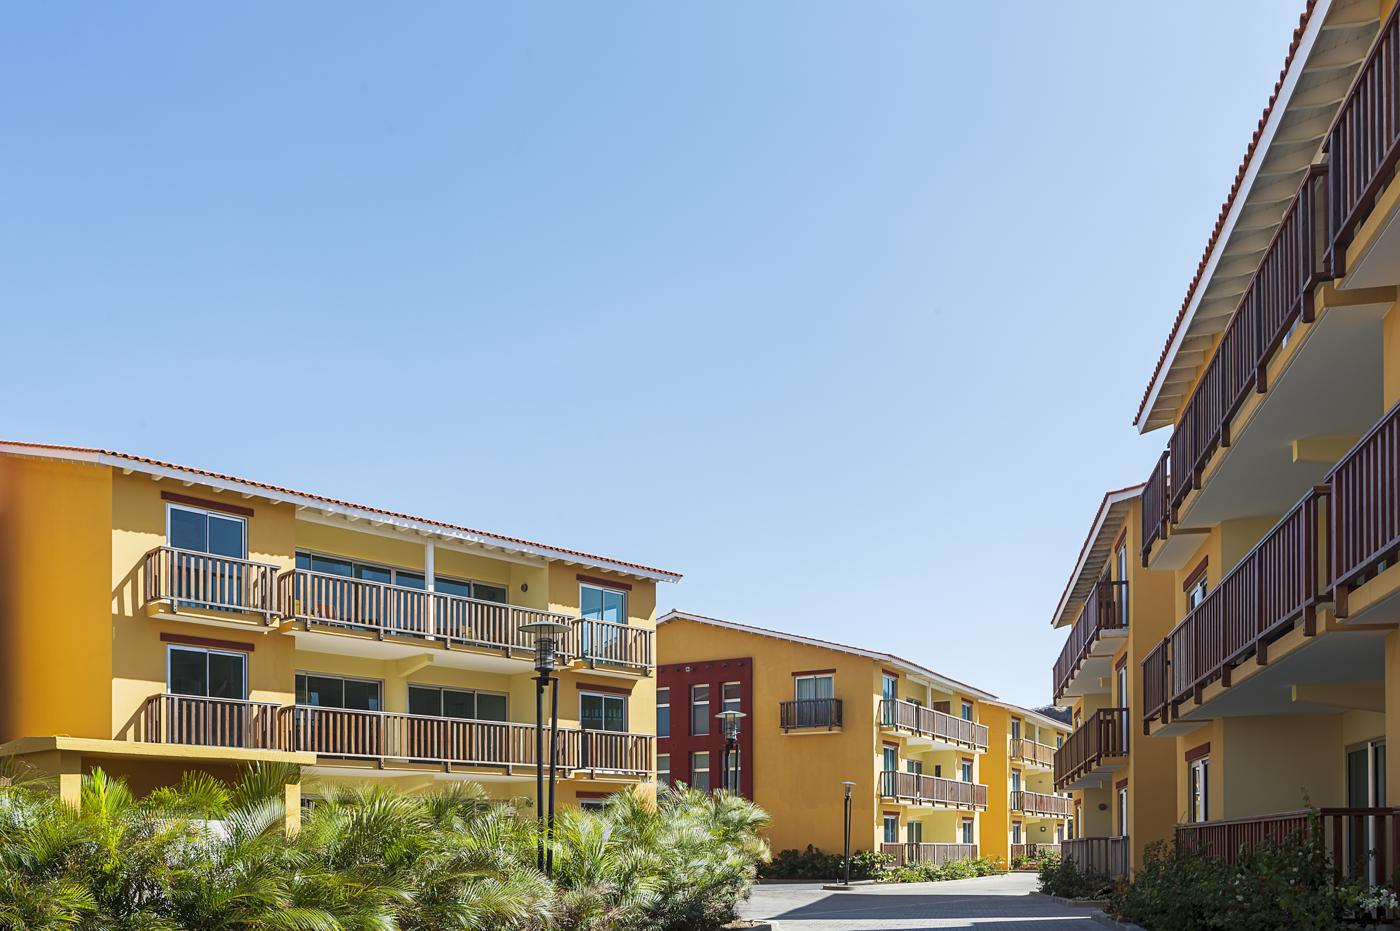 Curacao Vakantiehuis: De leukste vakantiehuizen op Curaçao!